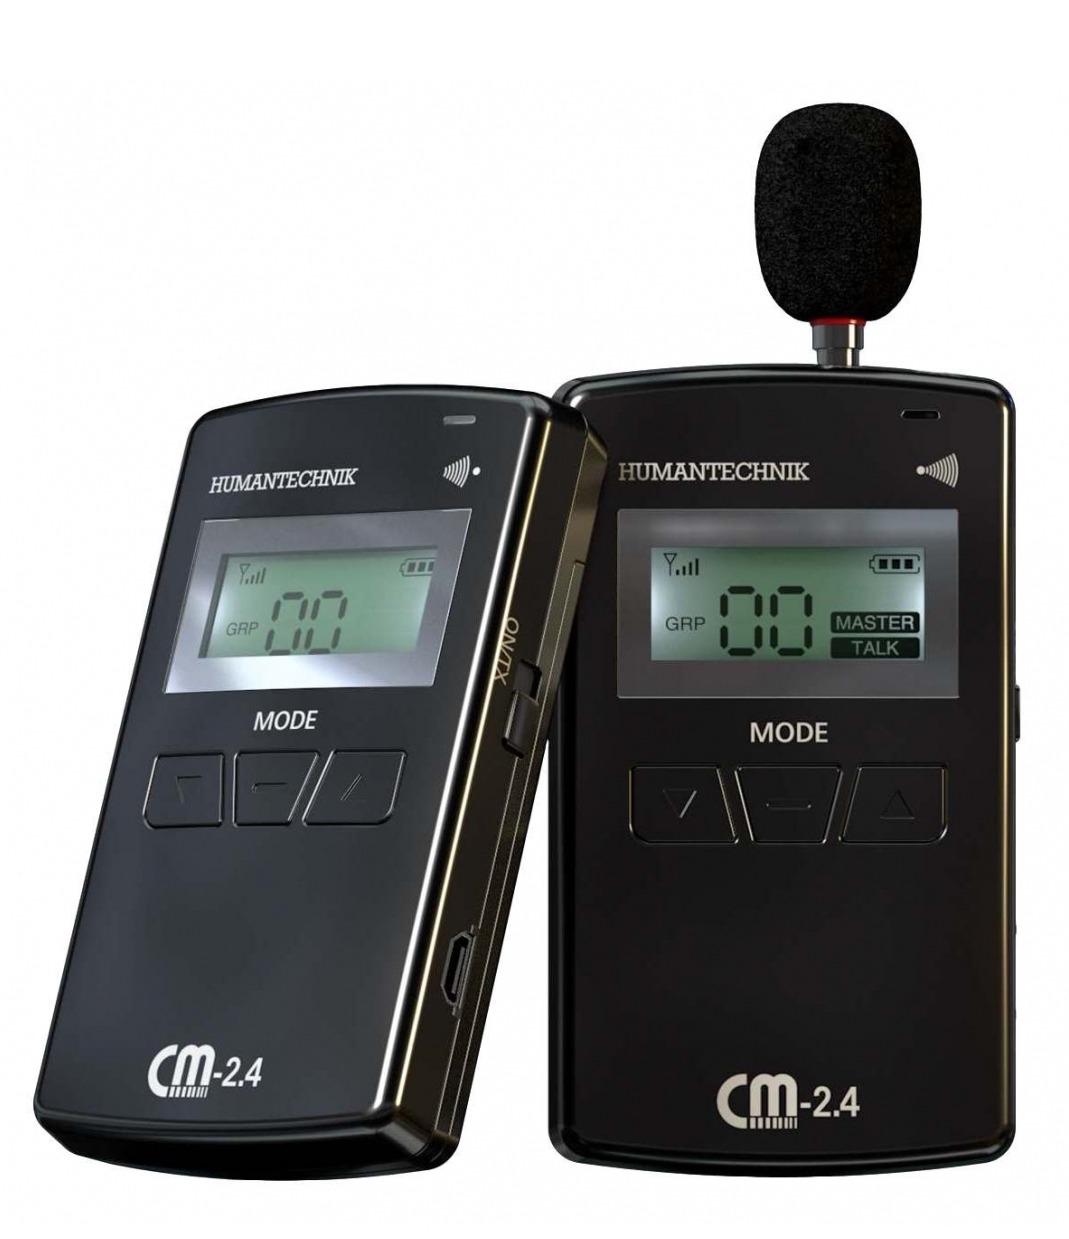 Appareil Magnétique Anti Humidité boucle magnétique portative - access market